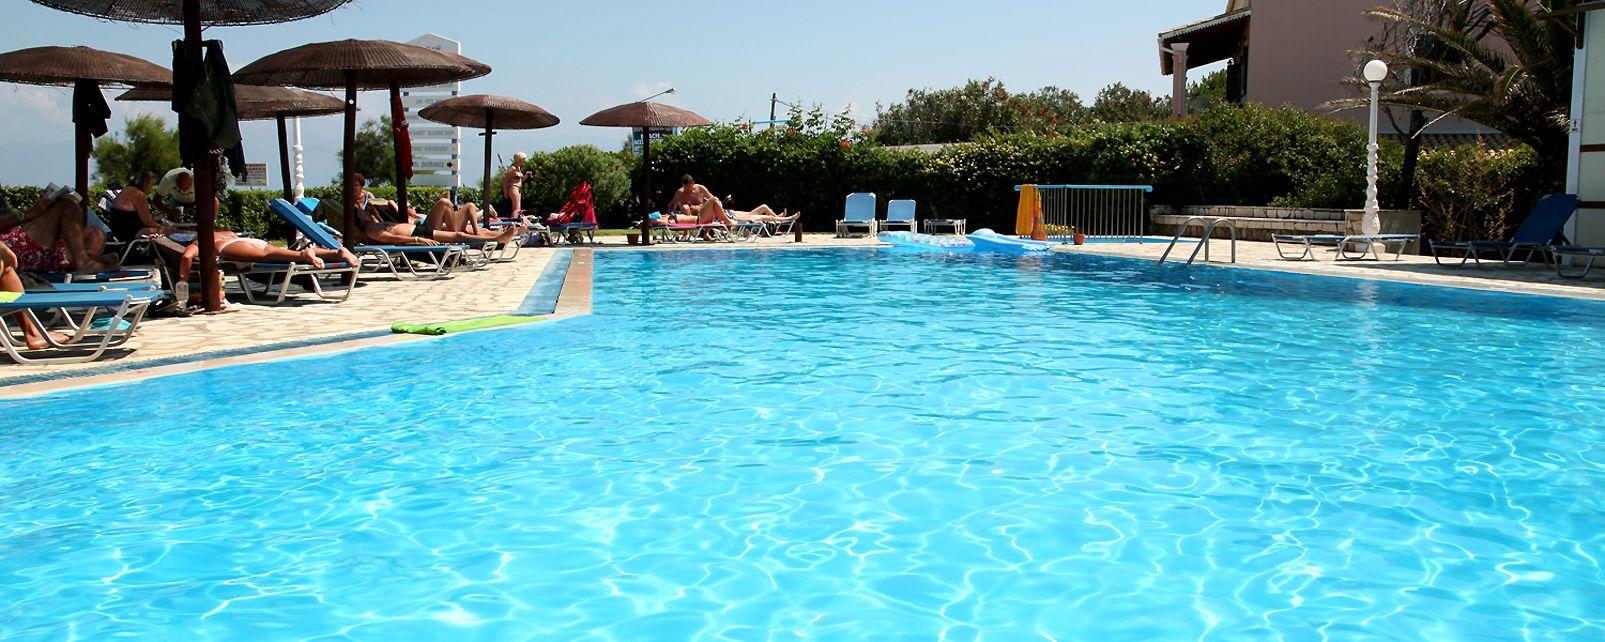 Hotel Beis Beach